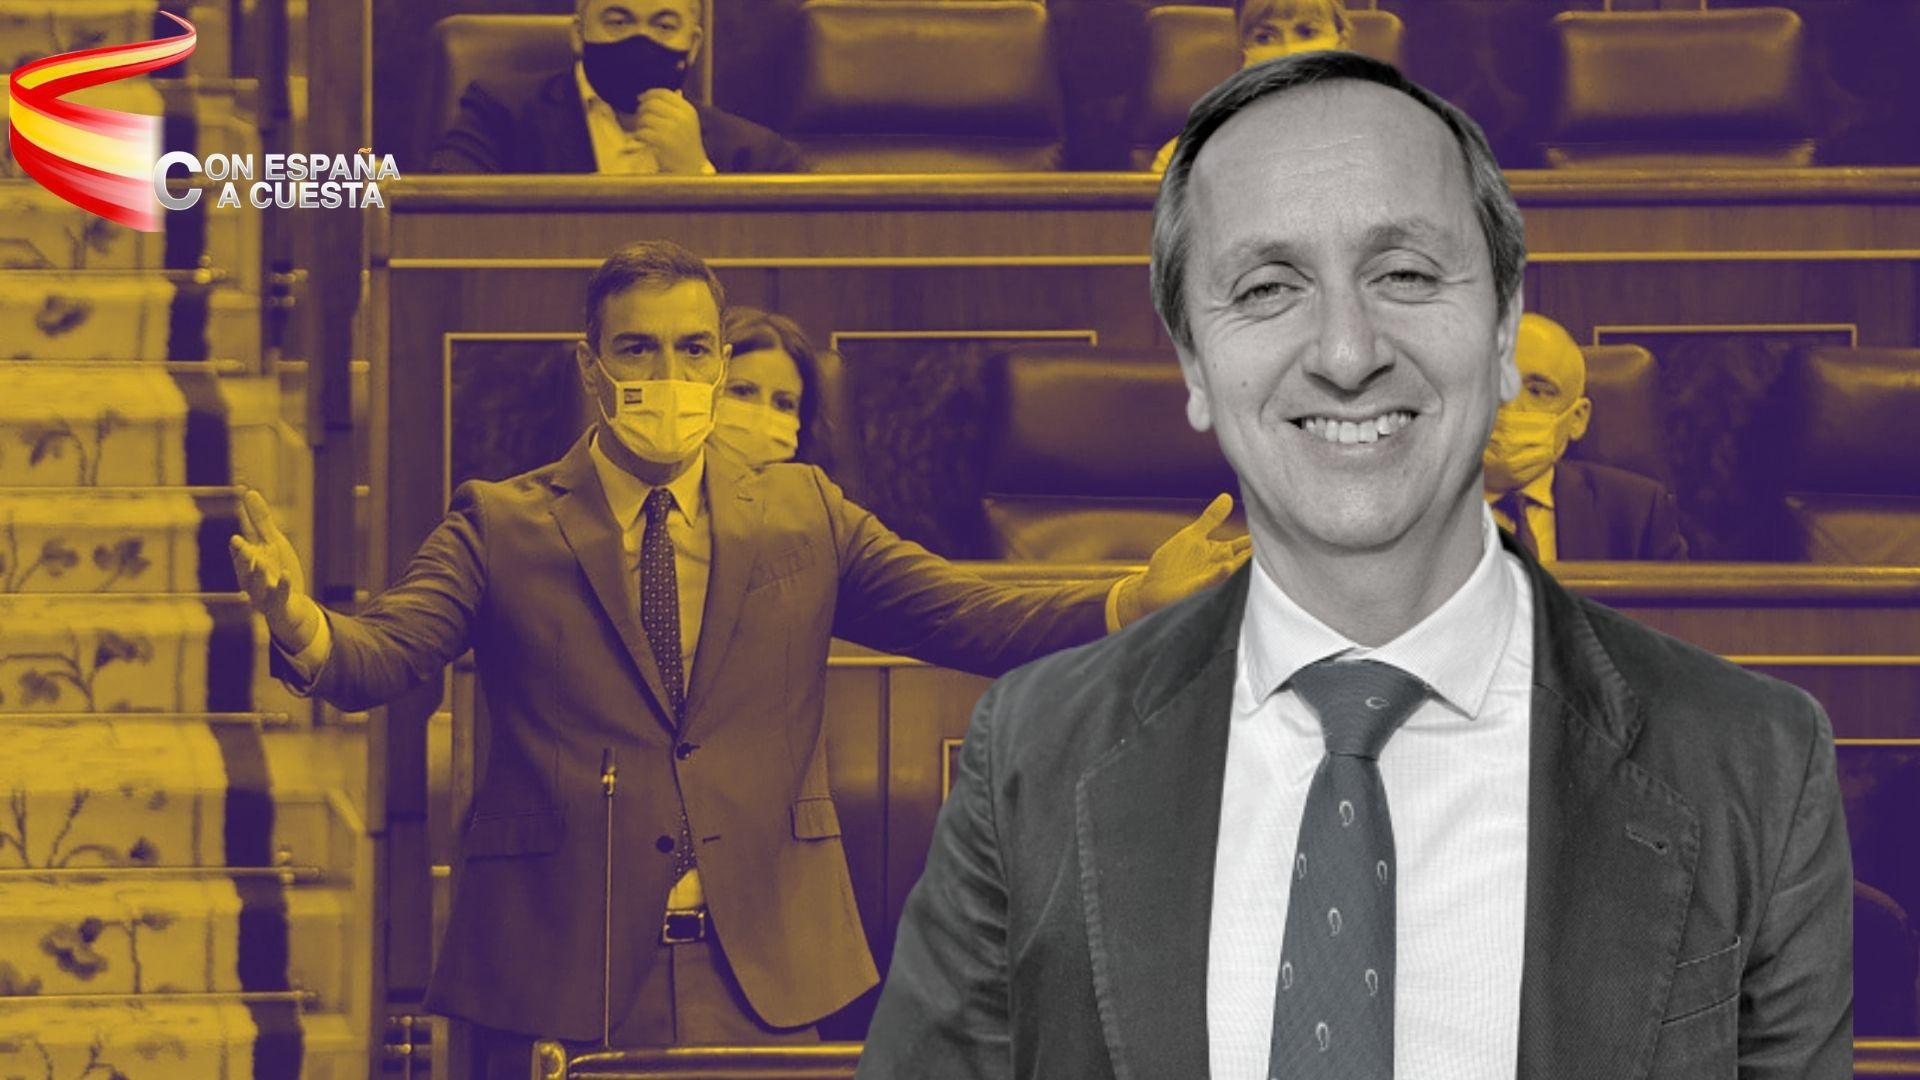 CARLOS CUESTA: EL GOBIERNO ESTÁ DISPUESTO A ENTREGAR LO QUE HAGA FALTA A LOS GOLPISTAS